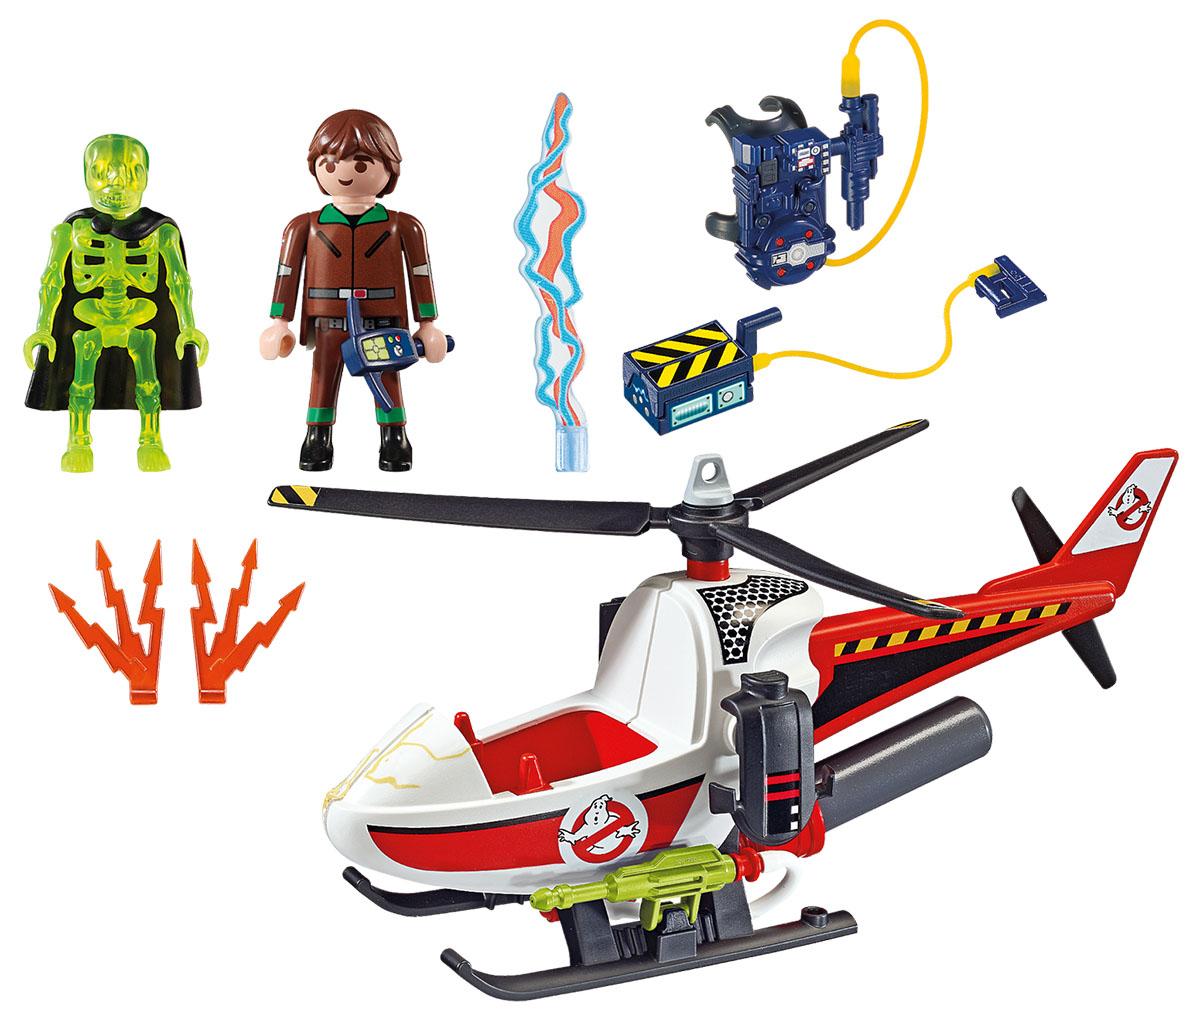 Playmobil Игровой набор Охотники за привидениями Вэнкман с вертолетом